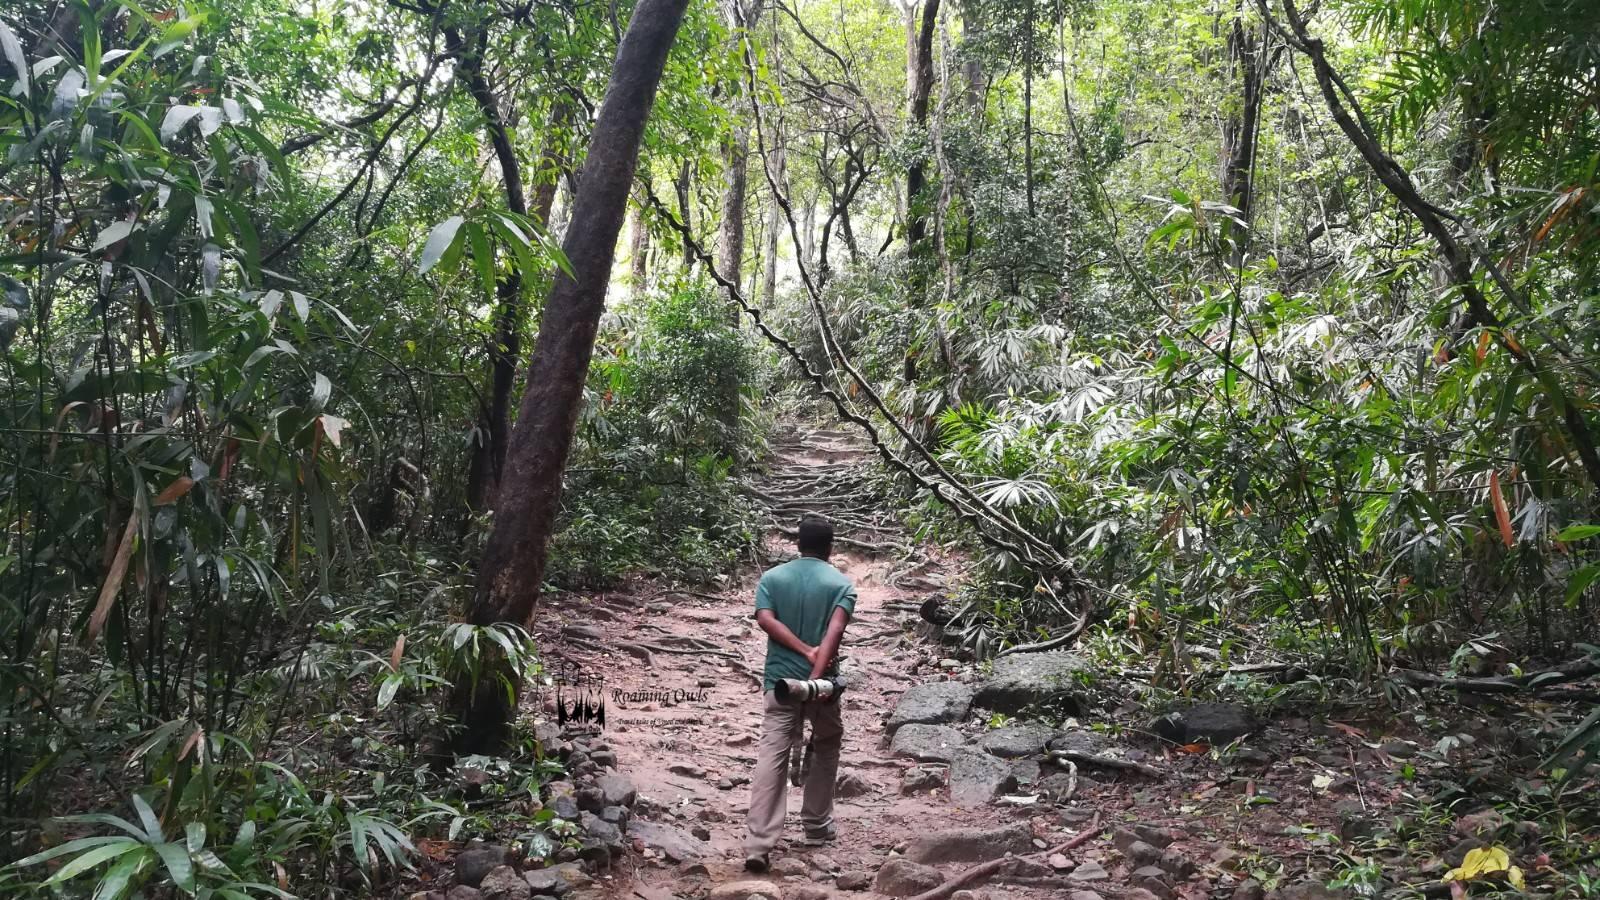 Meenmutty falls trekking